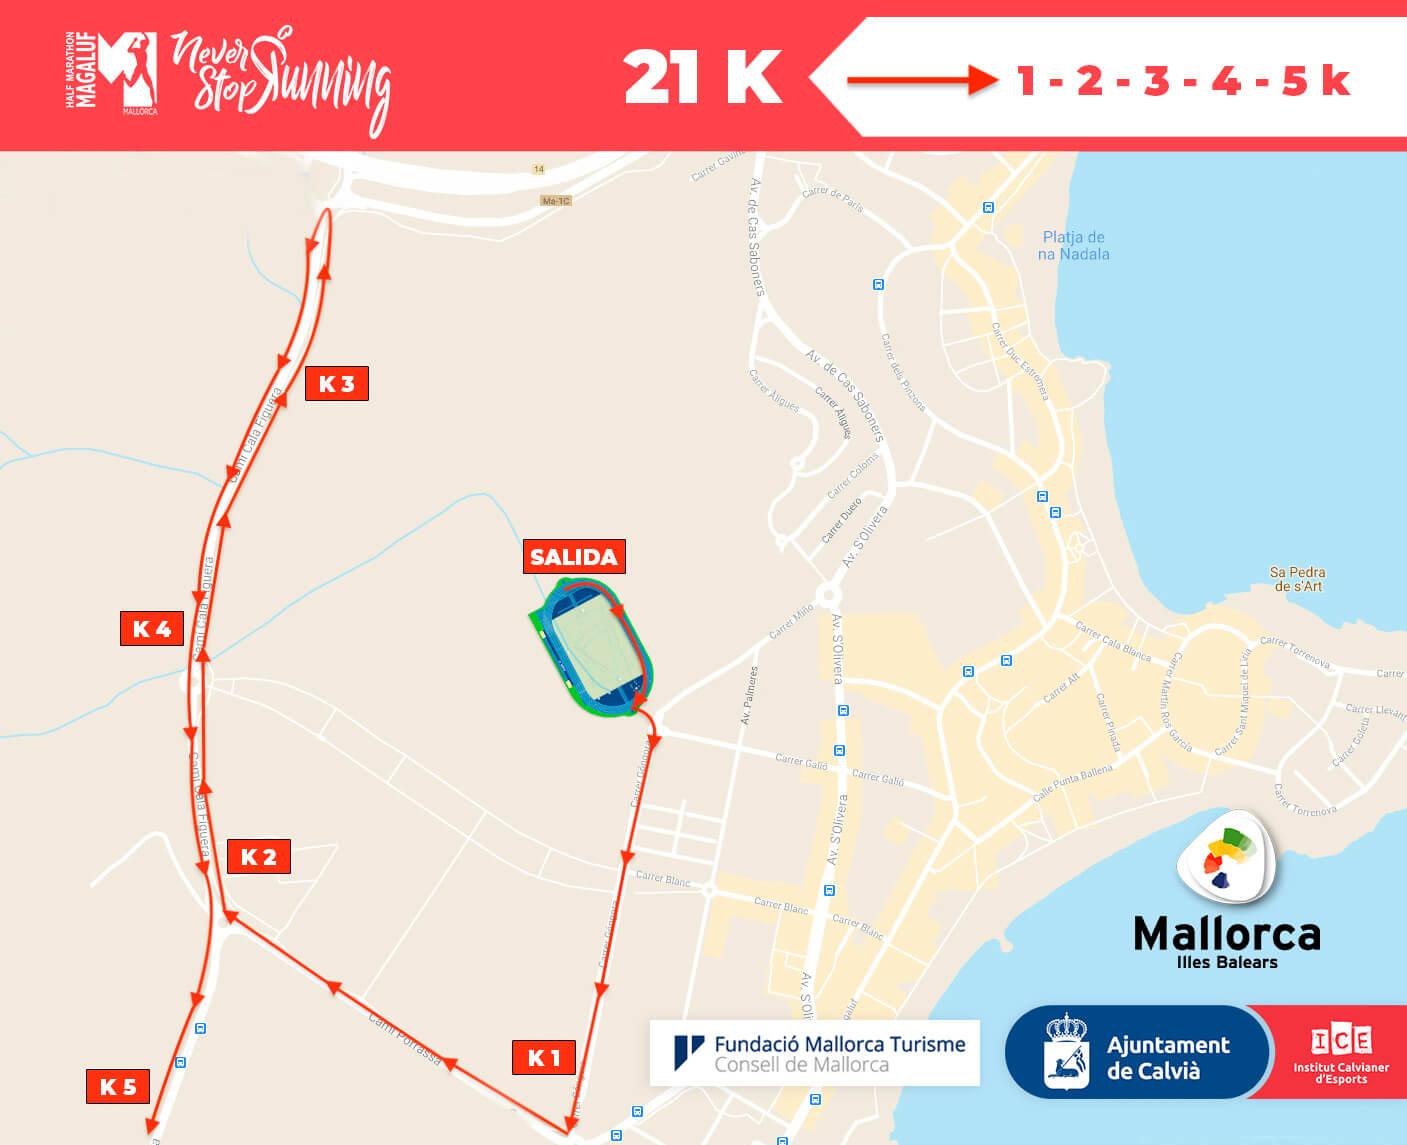 Circuito 21 km Half Marathon Magaluf, Circuitos Media Maratón de Magaluf, Avituallamientos - Media maratón Mallorca (Magaluf)